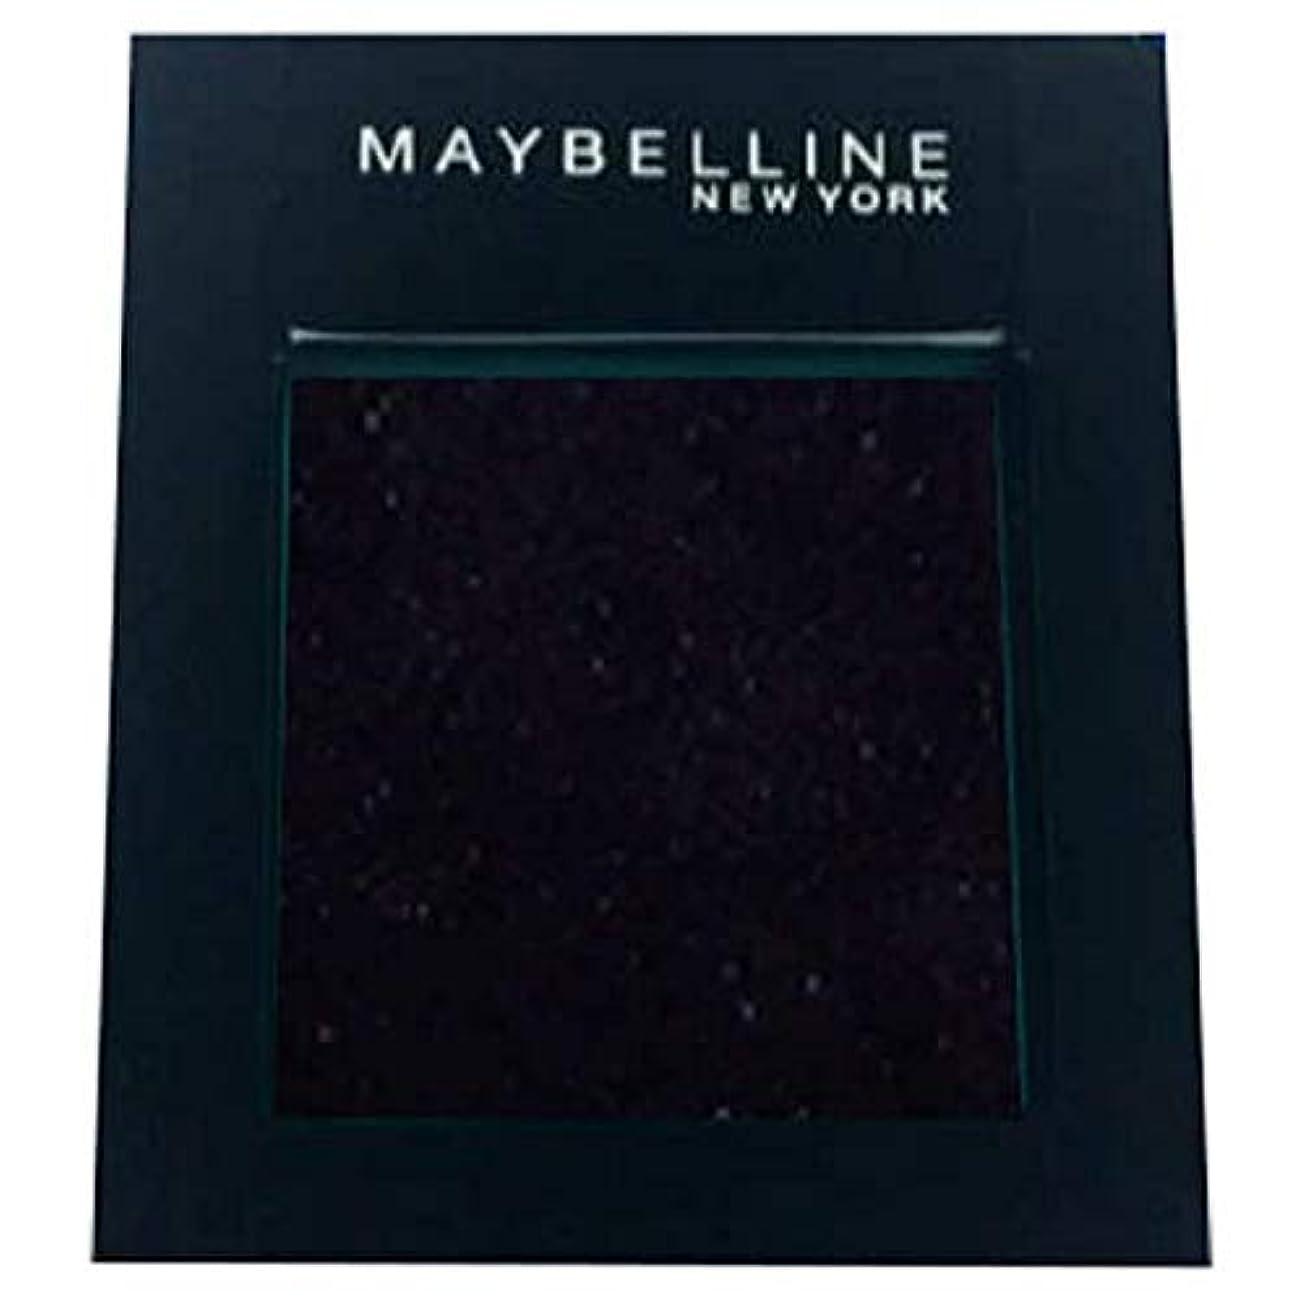 収束ブラシデンプシー[Maybelline ] メイベリンカラーショーシングルアイシャドウ125の夜 - Maybelline Color Show Single Eyeshadow 125 Night [並行輸入品]